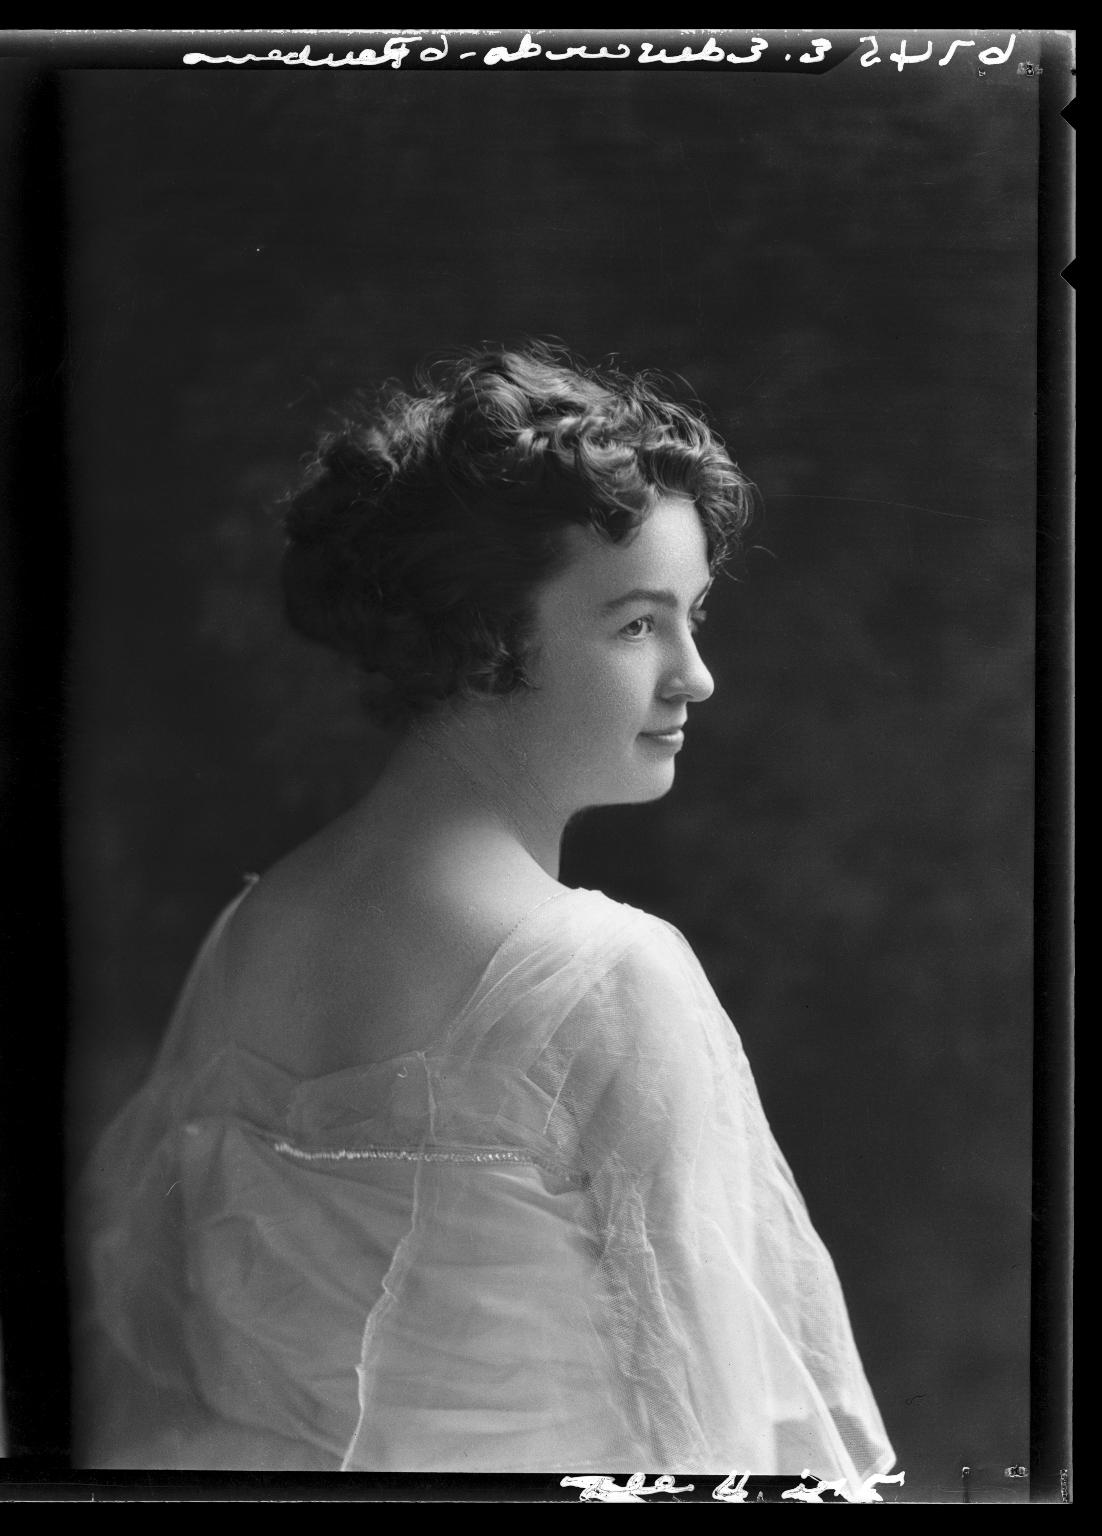 Portraits of Eunice Edwards